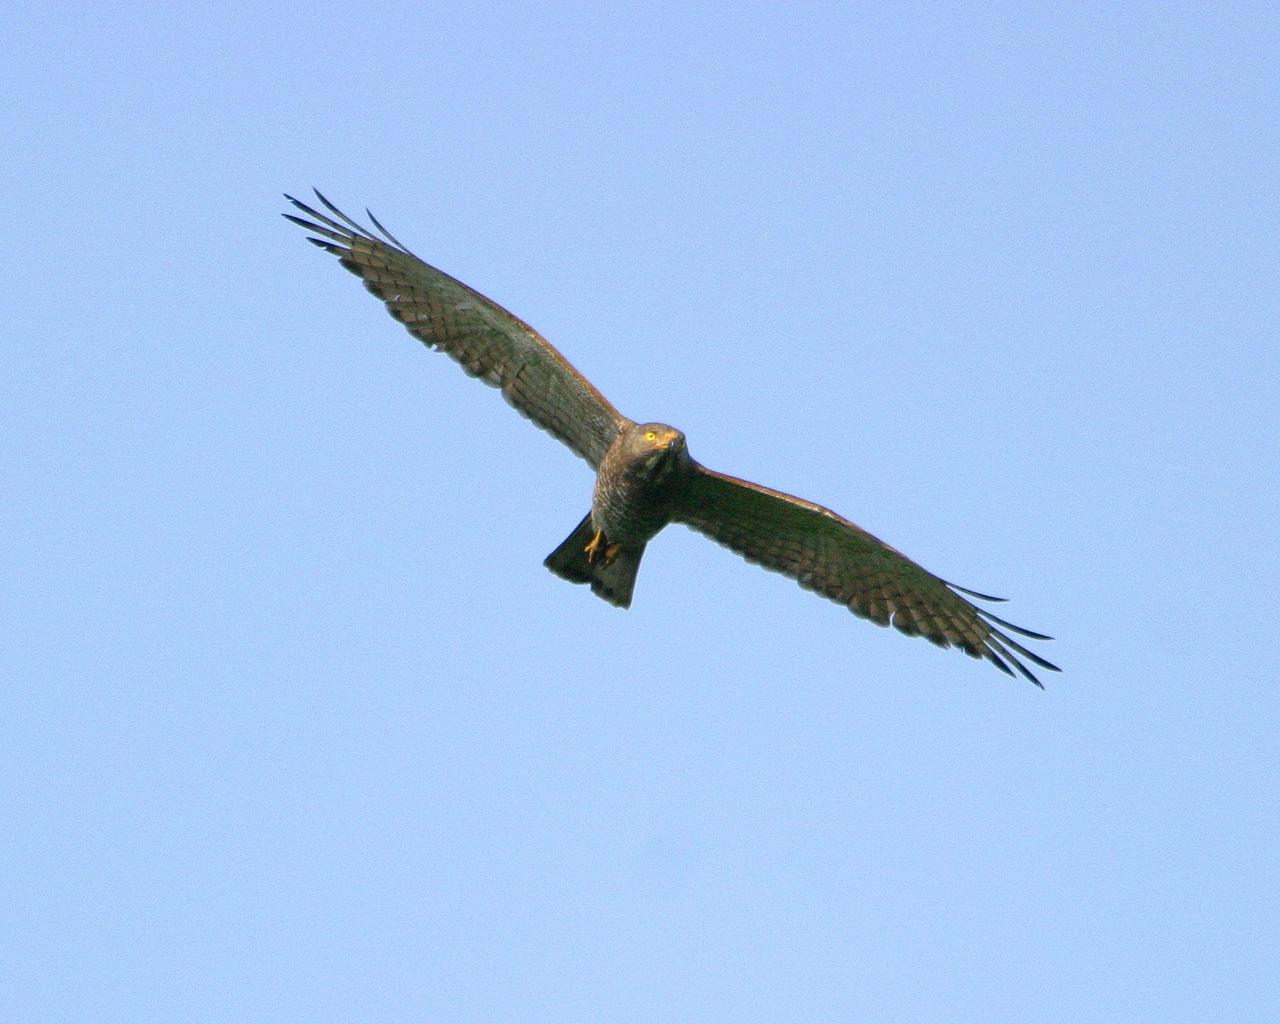 サシバ正面顔飛翔(迫力ある猛禽の飛翔場面の壁紙)_f0105570_717340.jpg